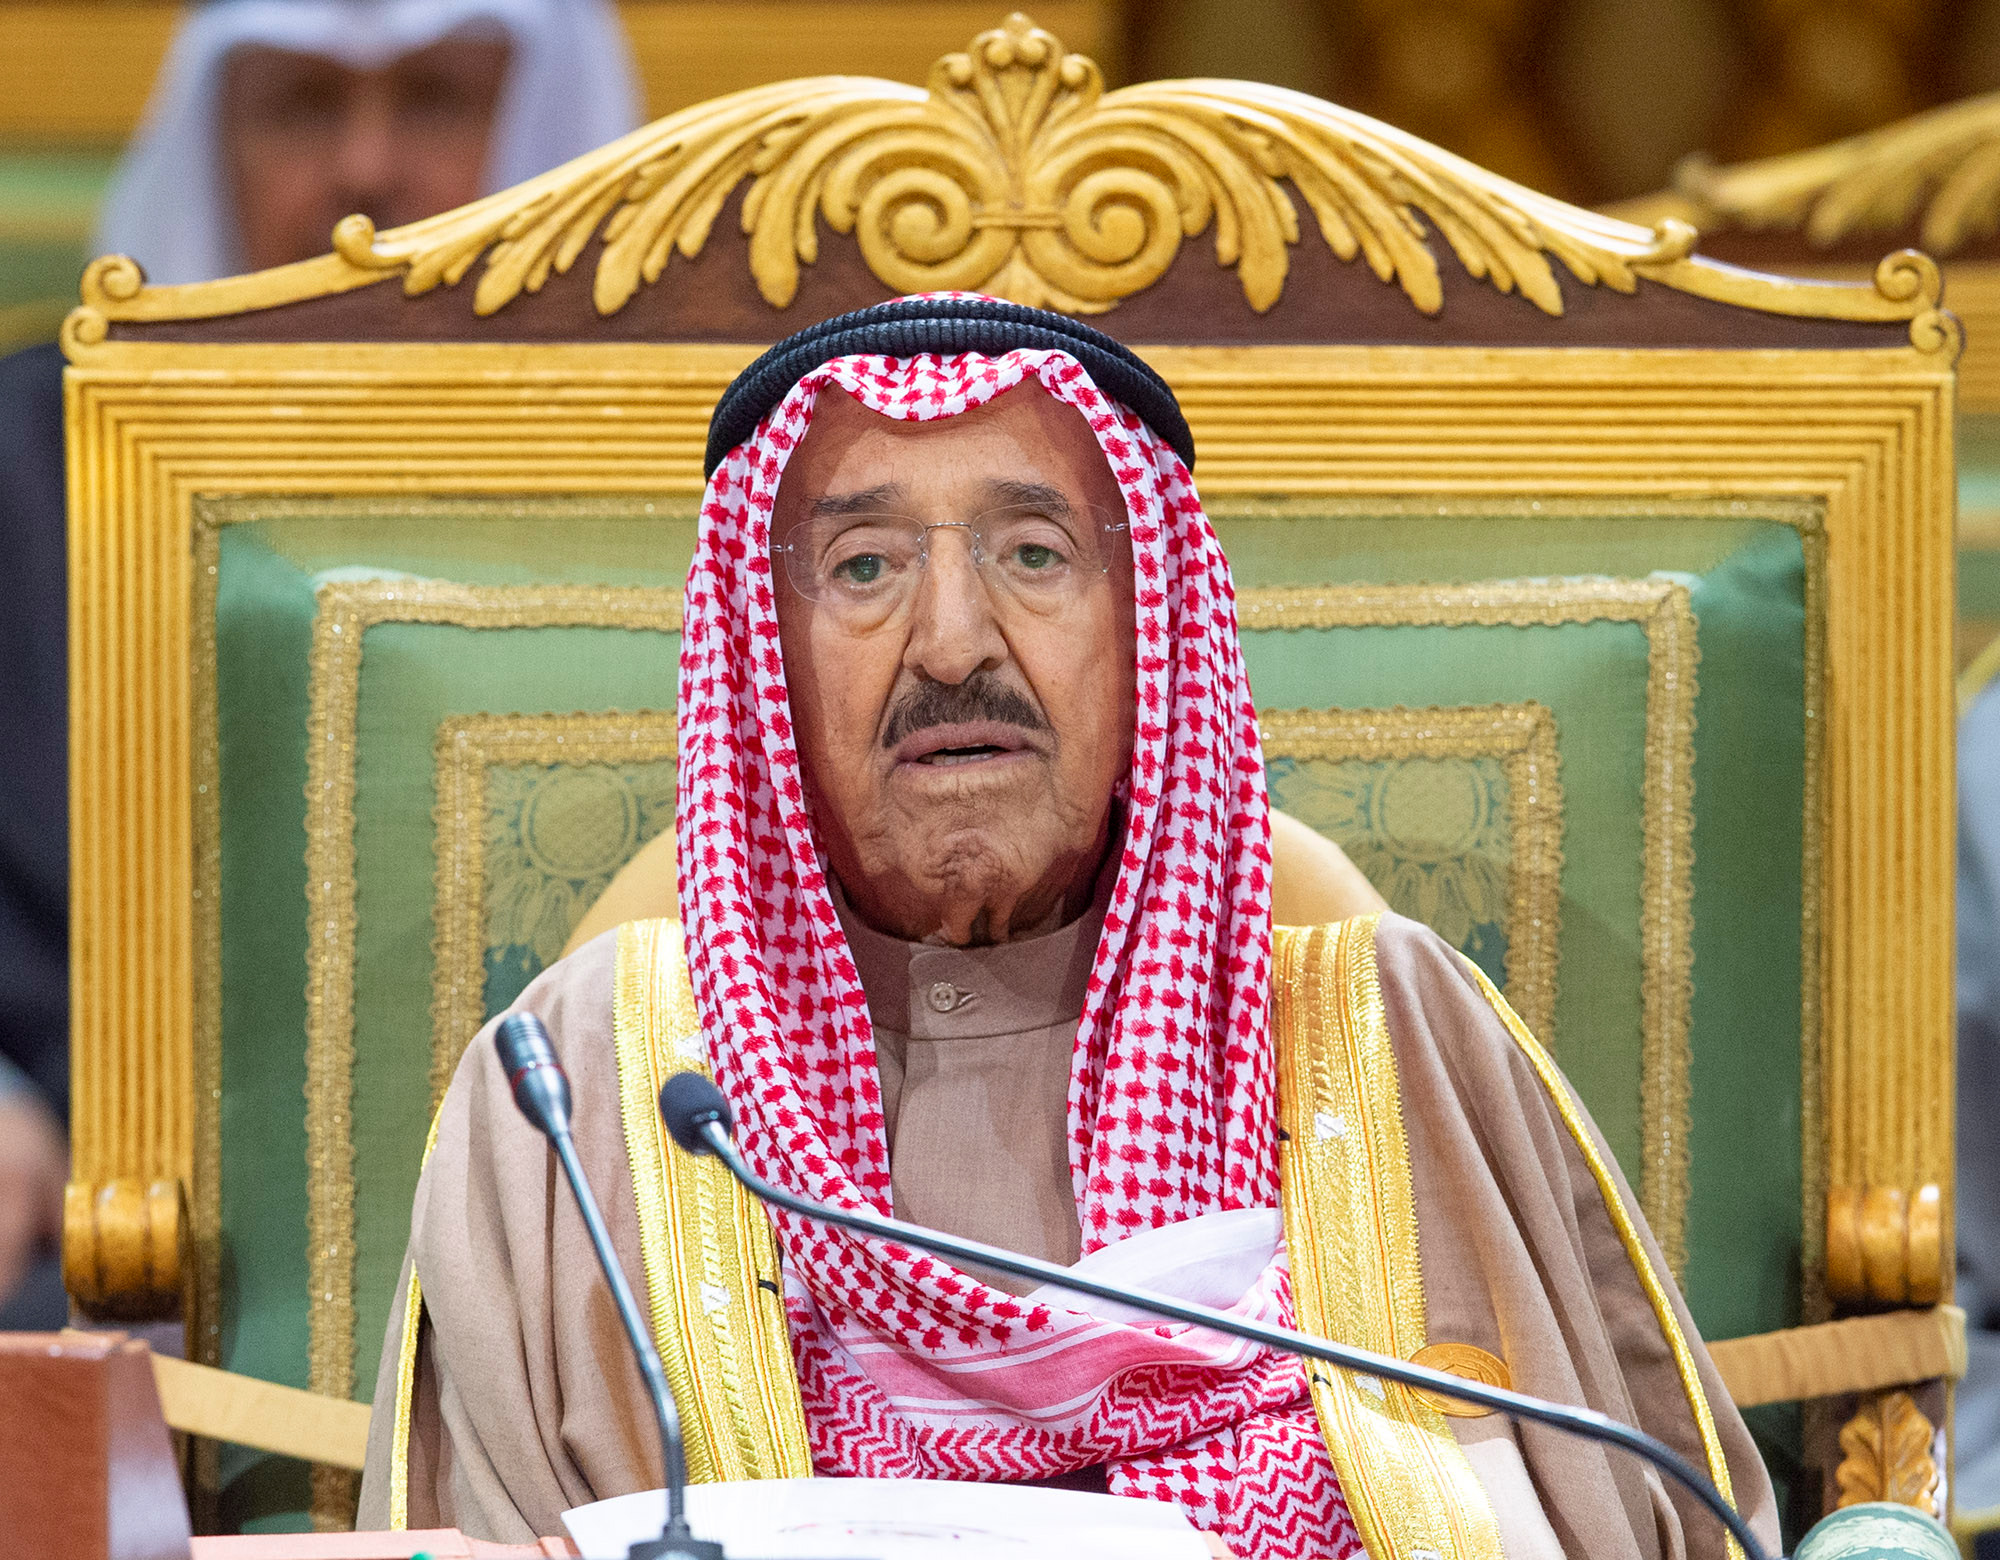 Remembering Kuwait's Emir Sheikh Sabah